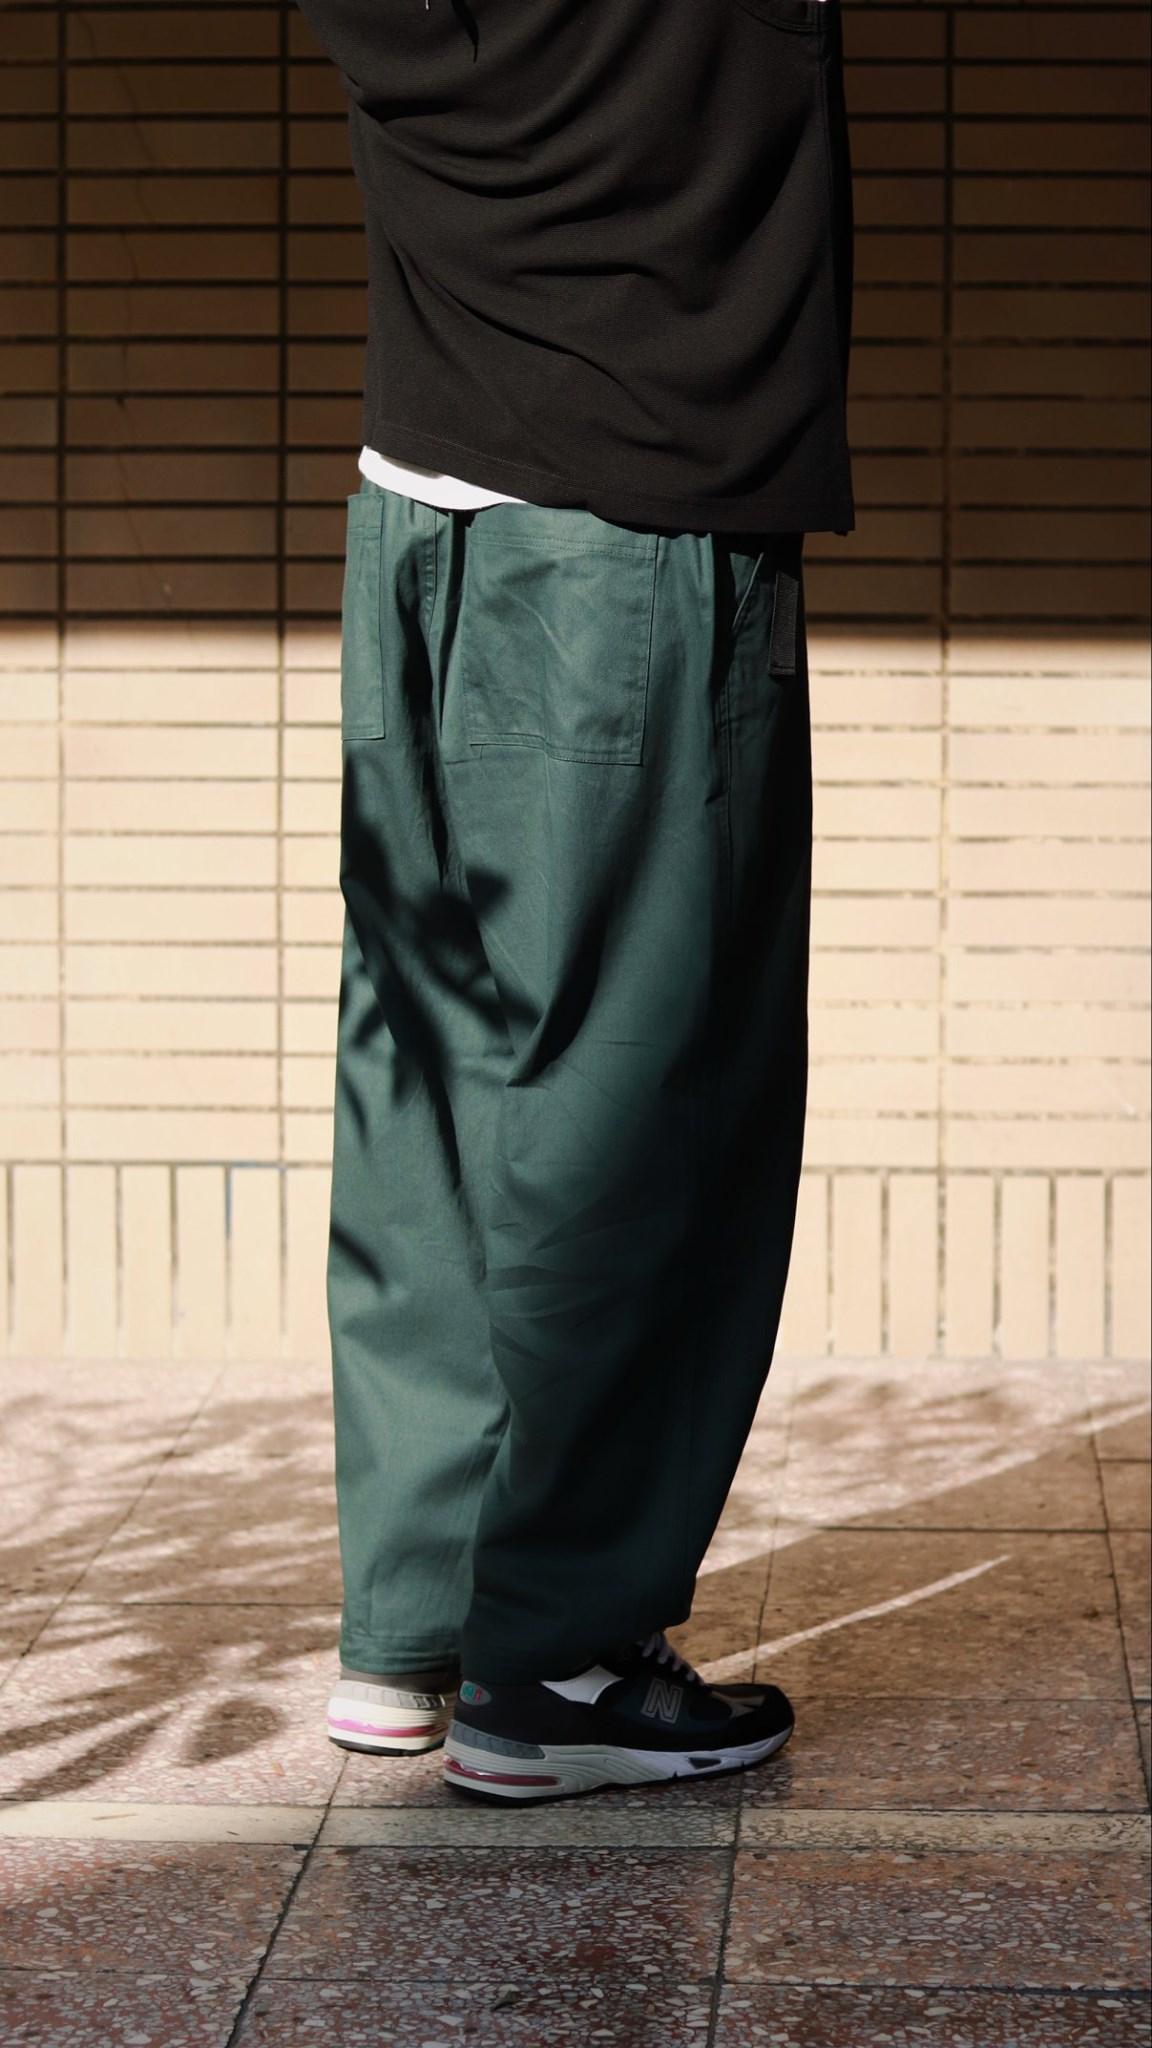 男穿搭,男生穿搭,門市穿搭,穿搭,plain-me,男裝女穿,一週搭配,搭配名人nikon,街頭搭配,nikon 一週穿搭